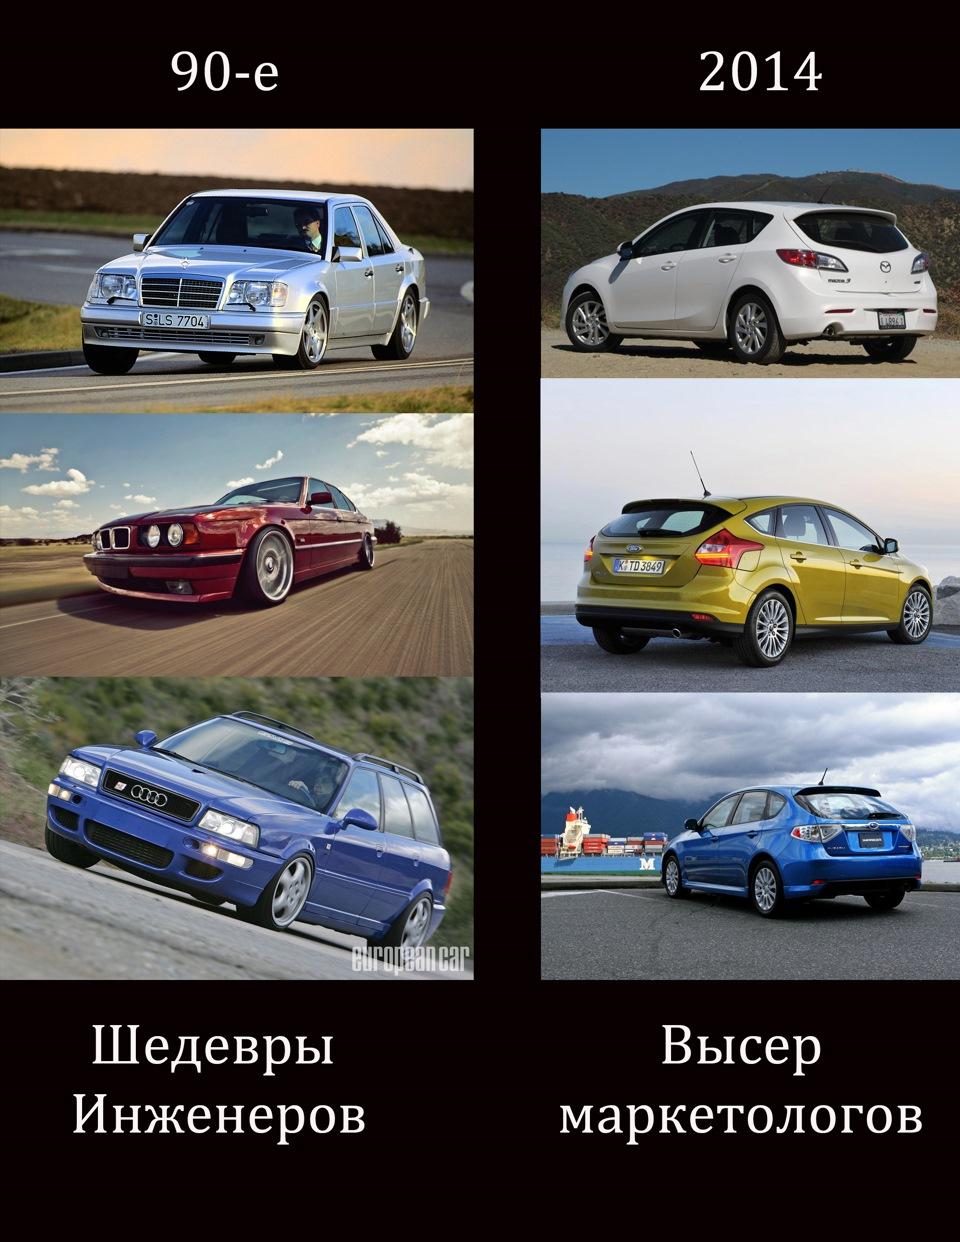 Старые и современные автомобили